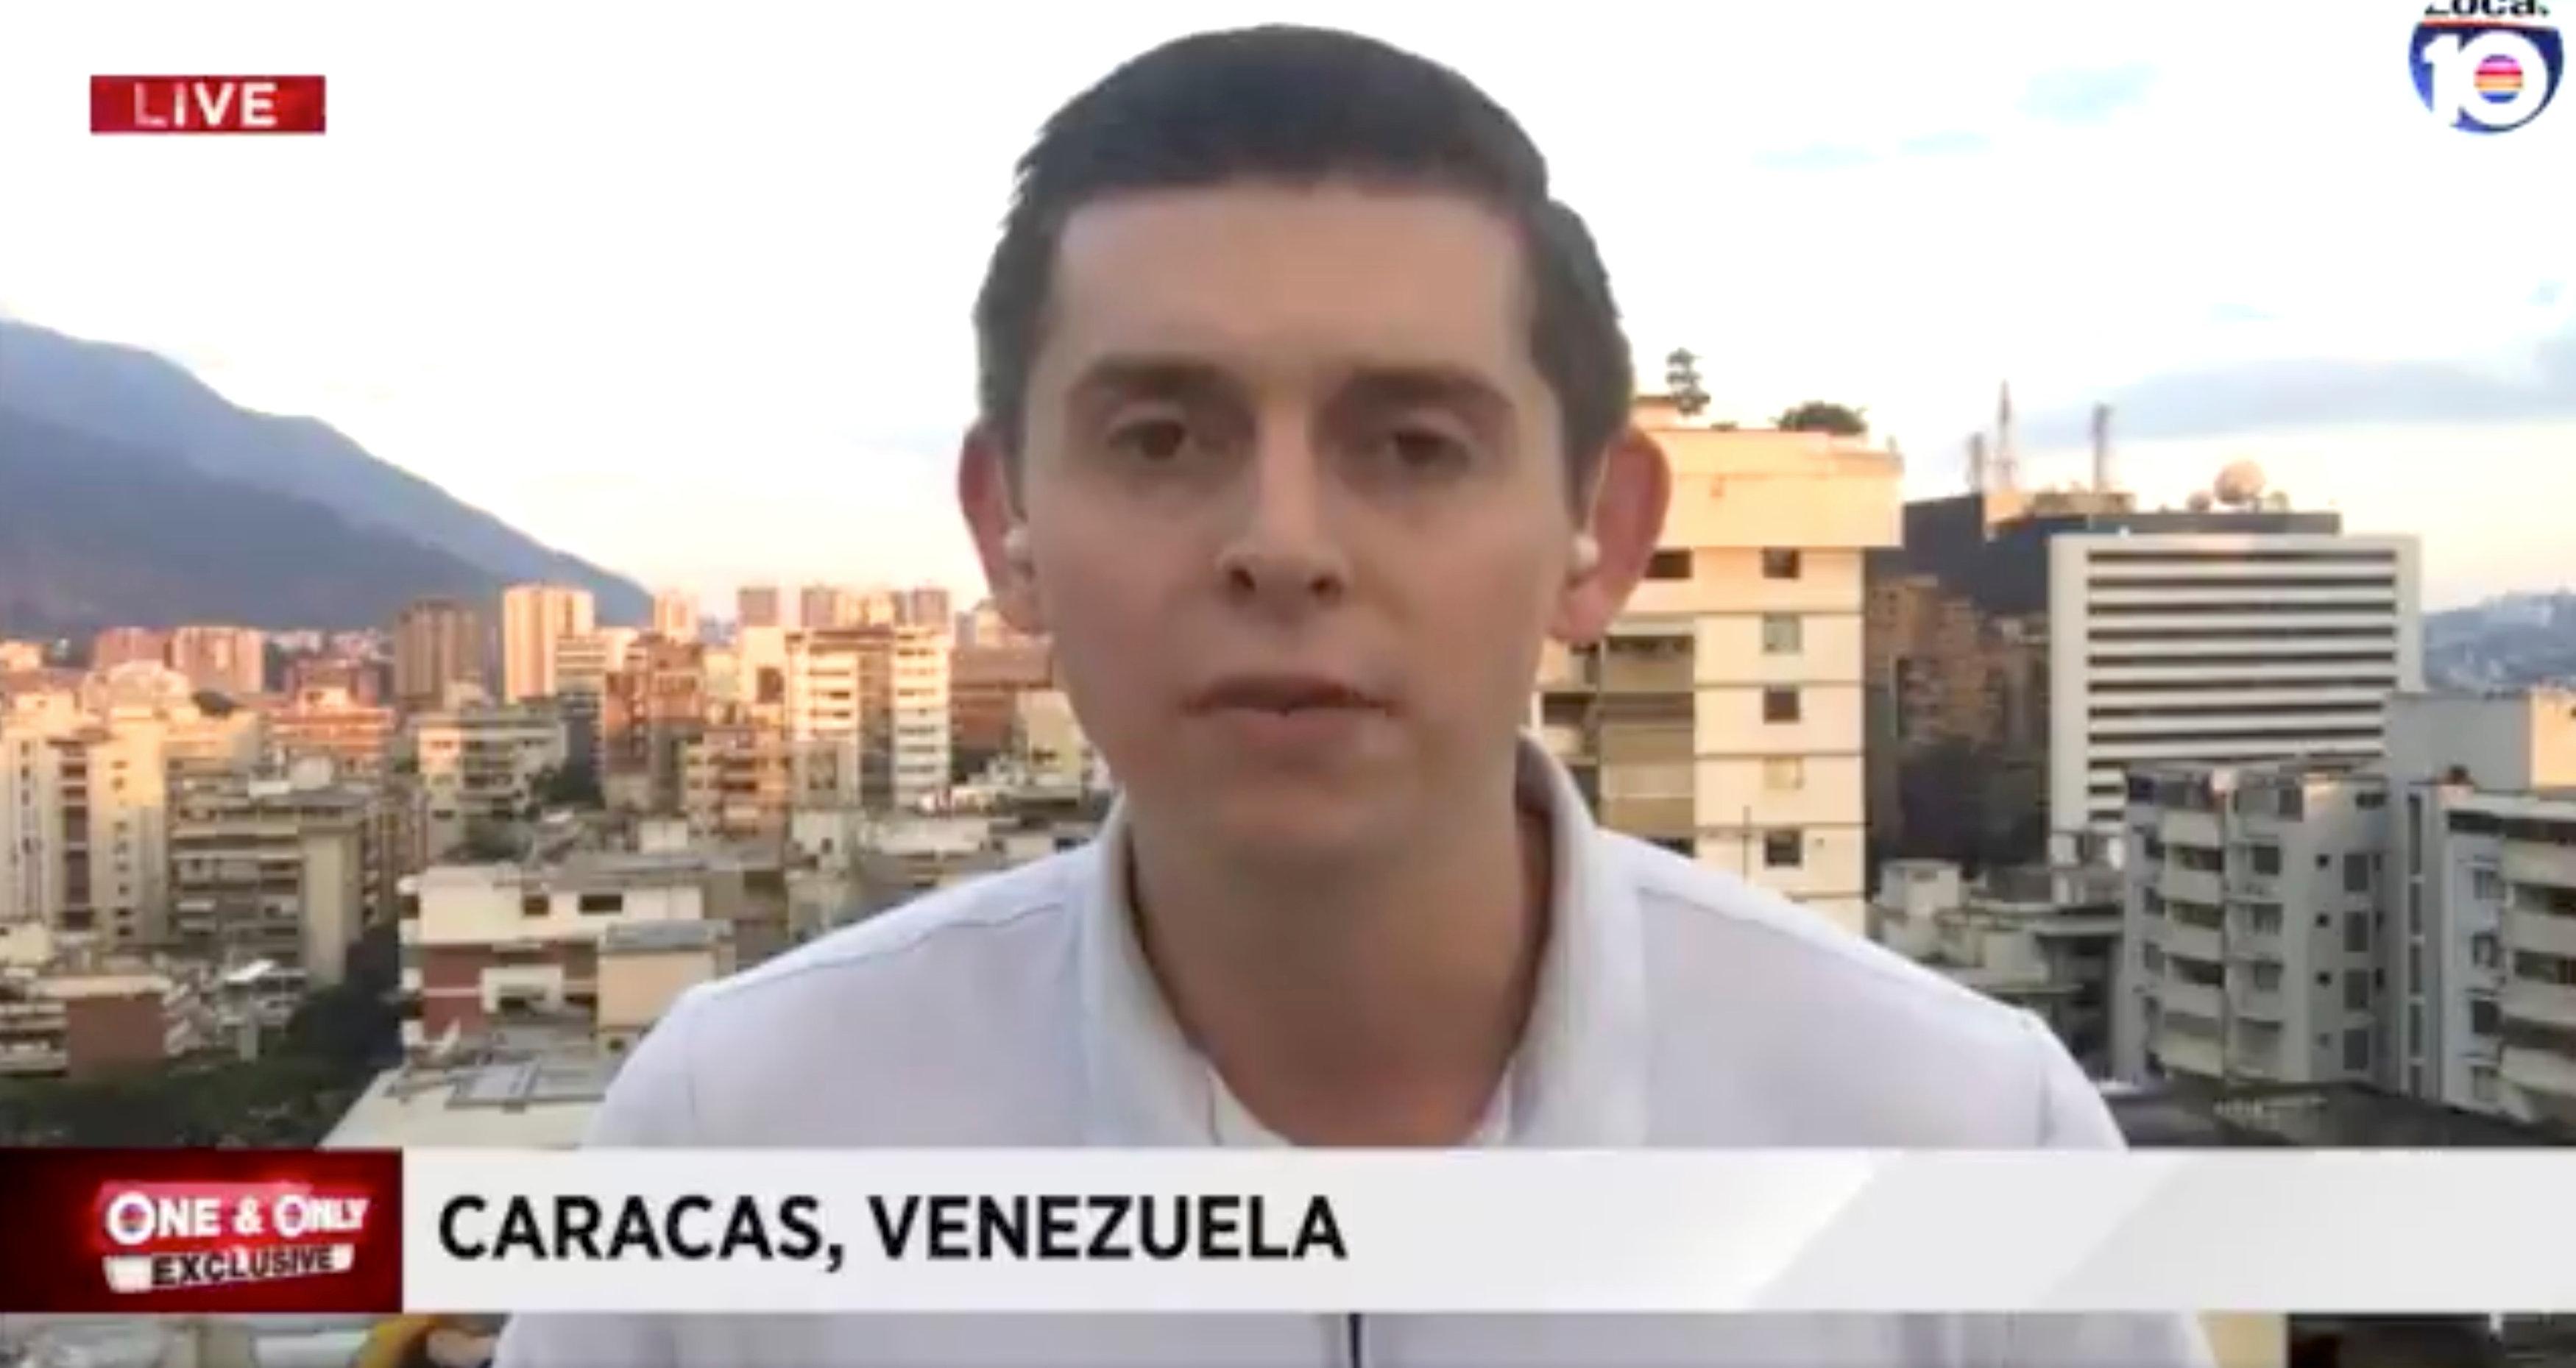 El periodista norteamericano Cody Weddle reportando desde Caracas, Venezuela (WPLG LOCAL 10/via REUTERS)